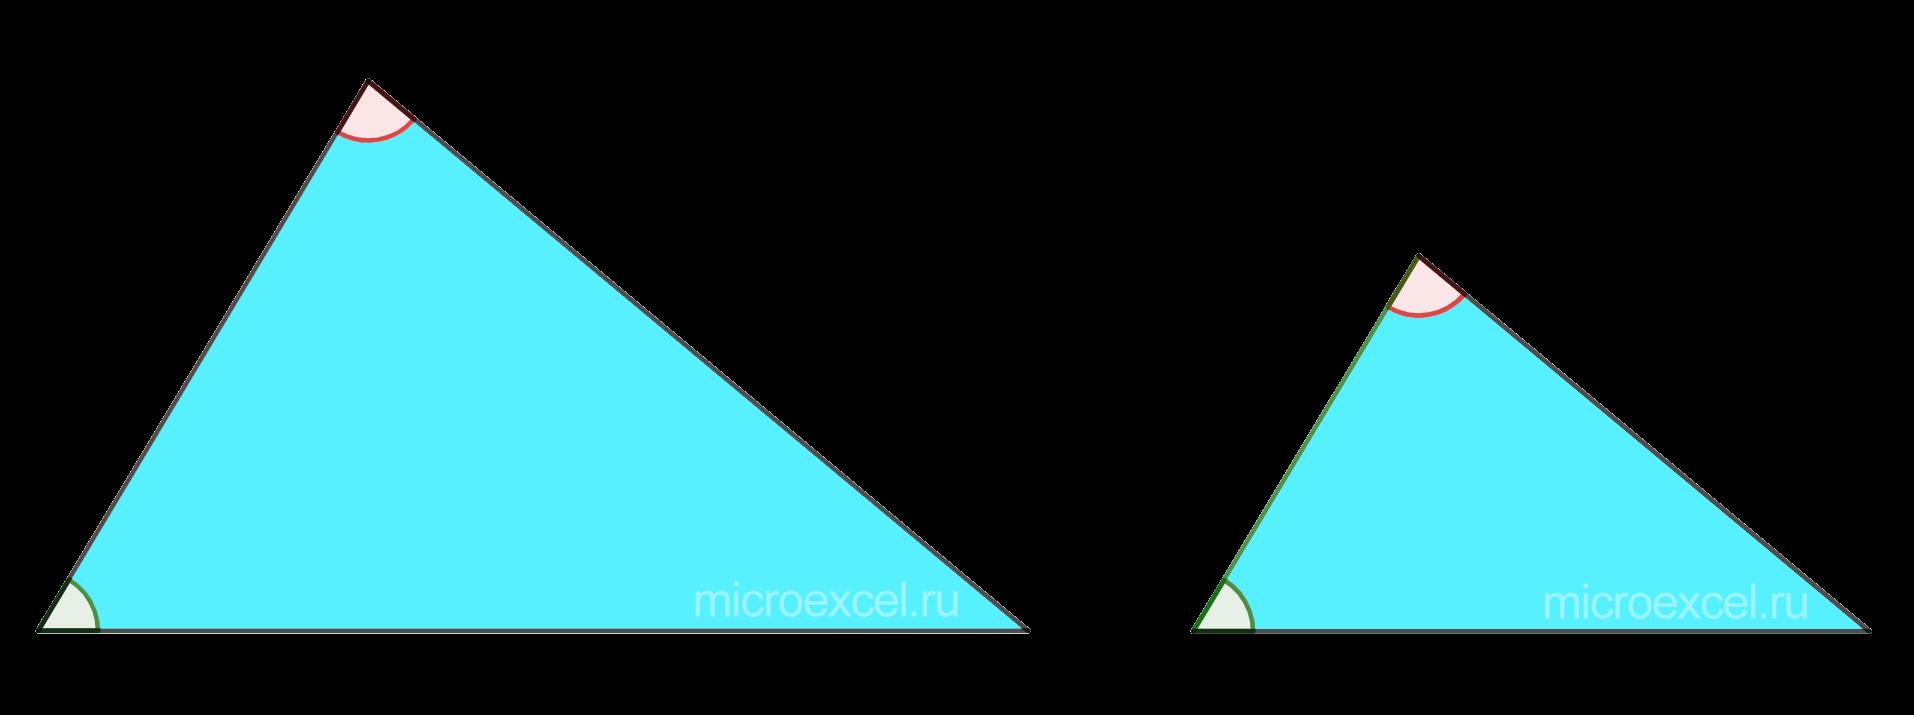 Подобные треугольники по двум равным углам